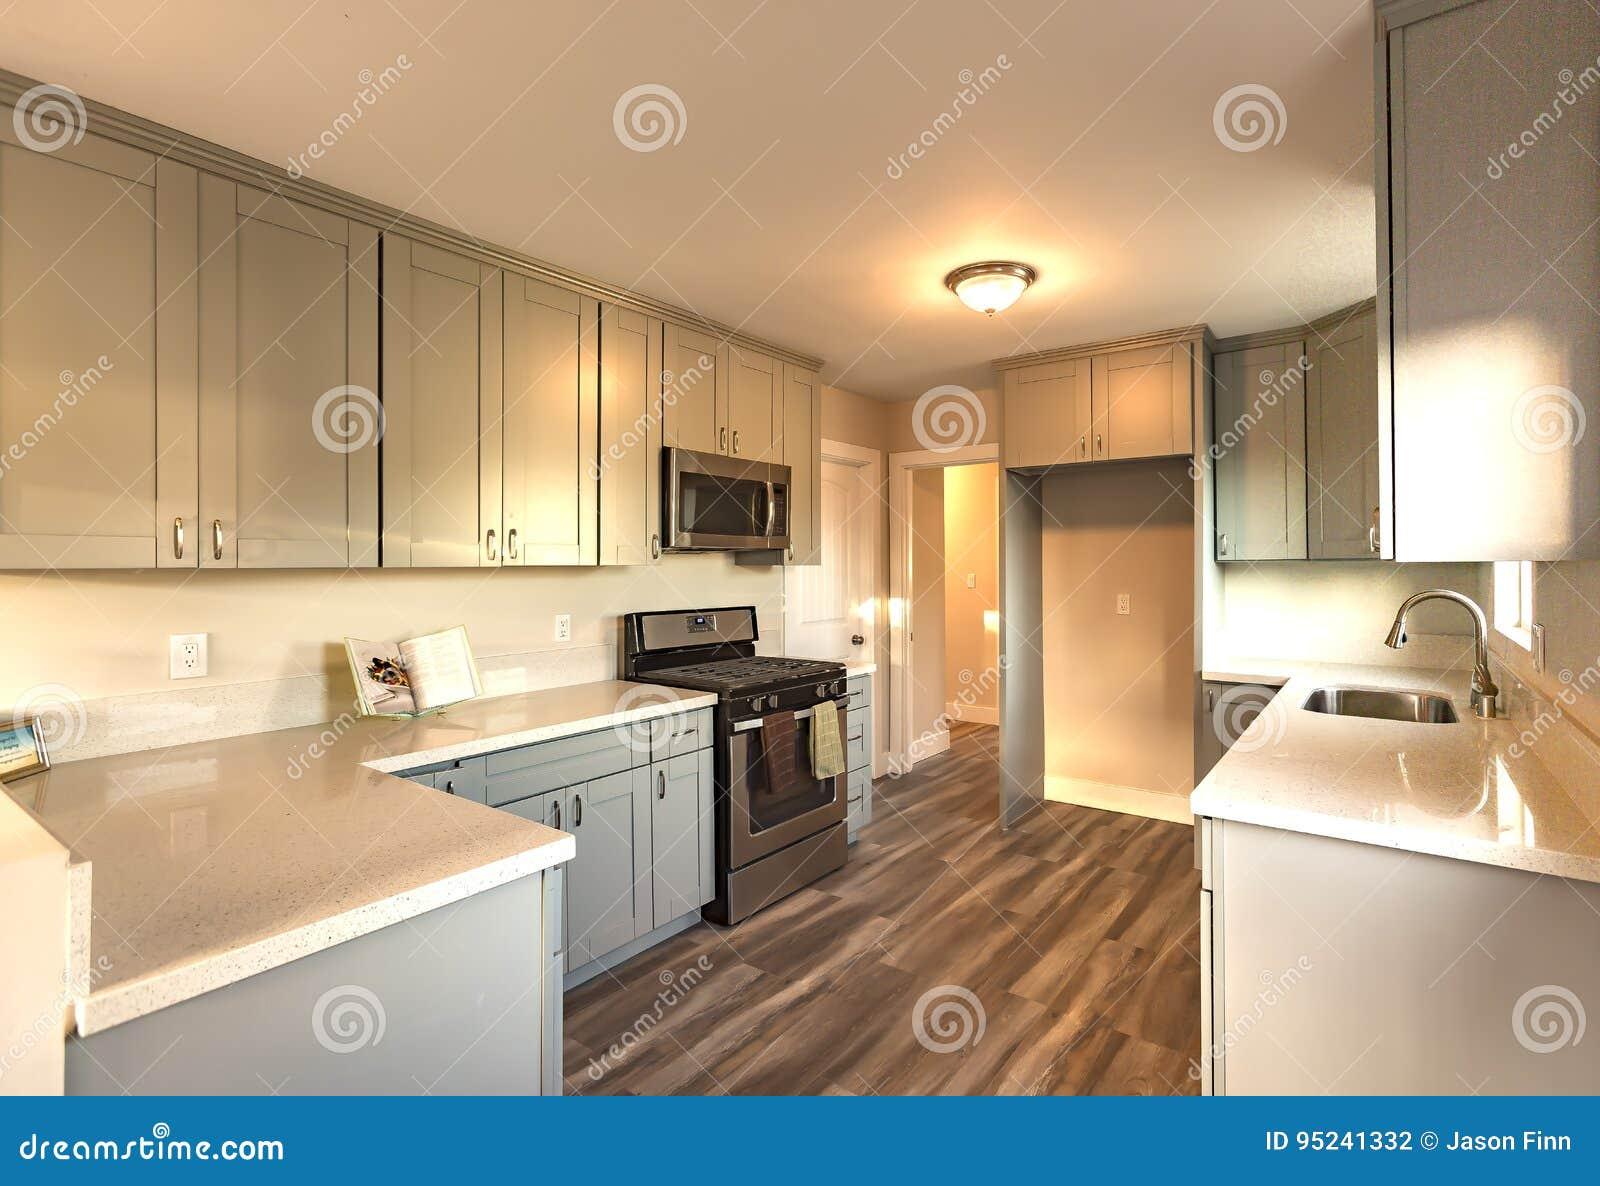 Zmierzch Tonuje W Kuchni Z Ciemną Drewnianą Podłoga Zdjęcie